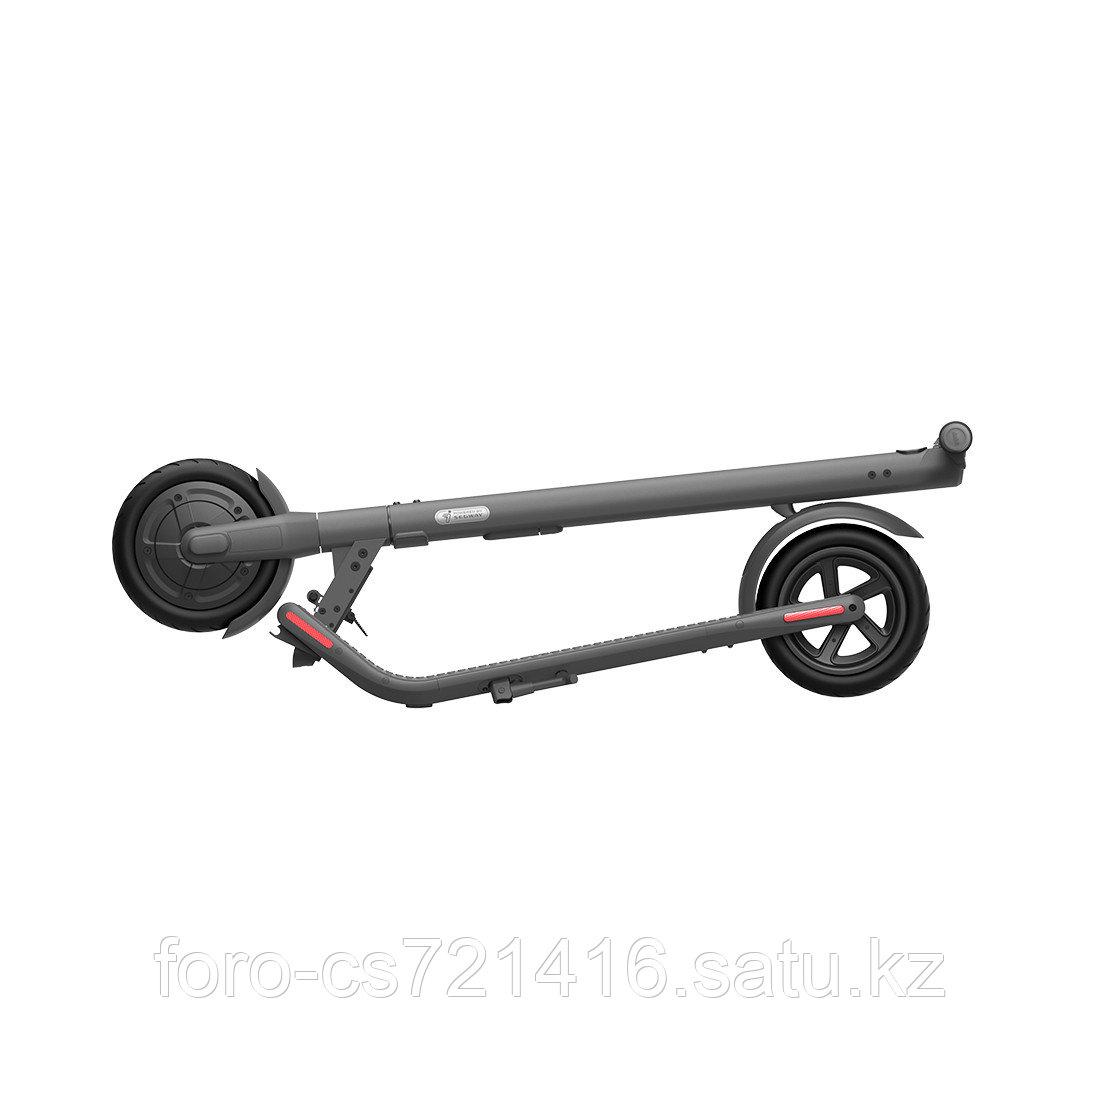 Электросамокат Ninebot KickScooter E22 Темно-серый - фото 3